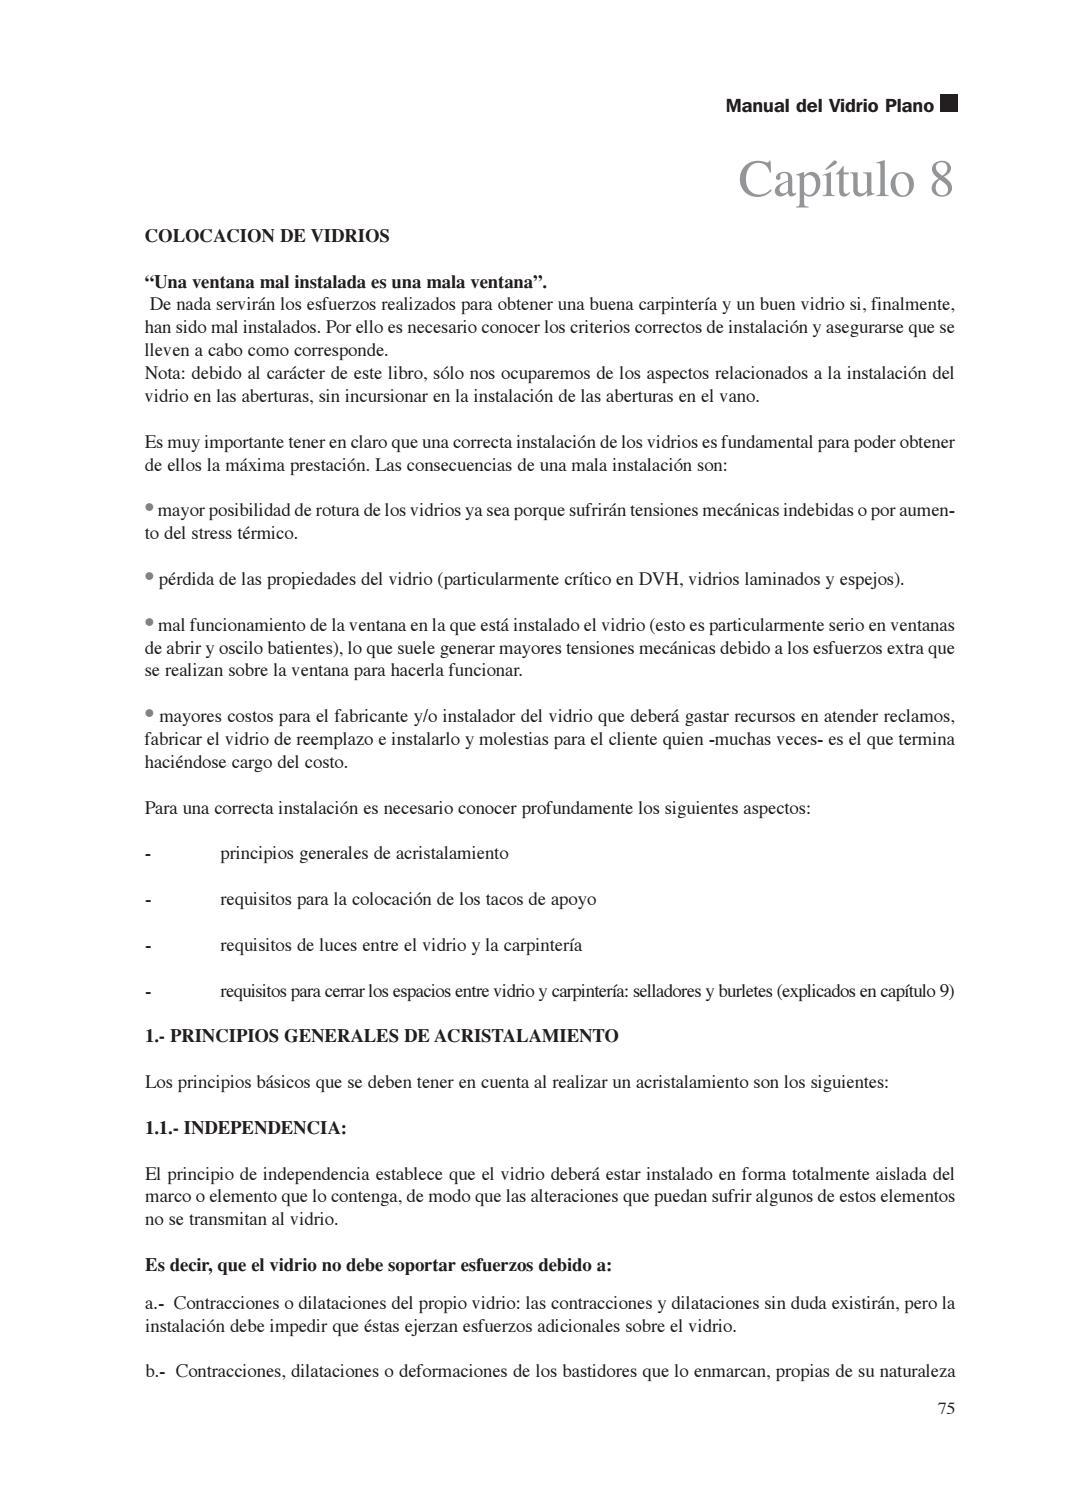 Manual Vidrio Plano by Alumex Sapa - issuu